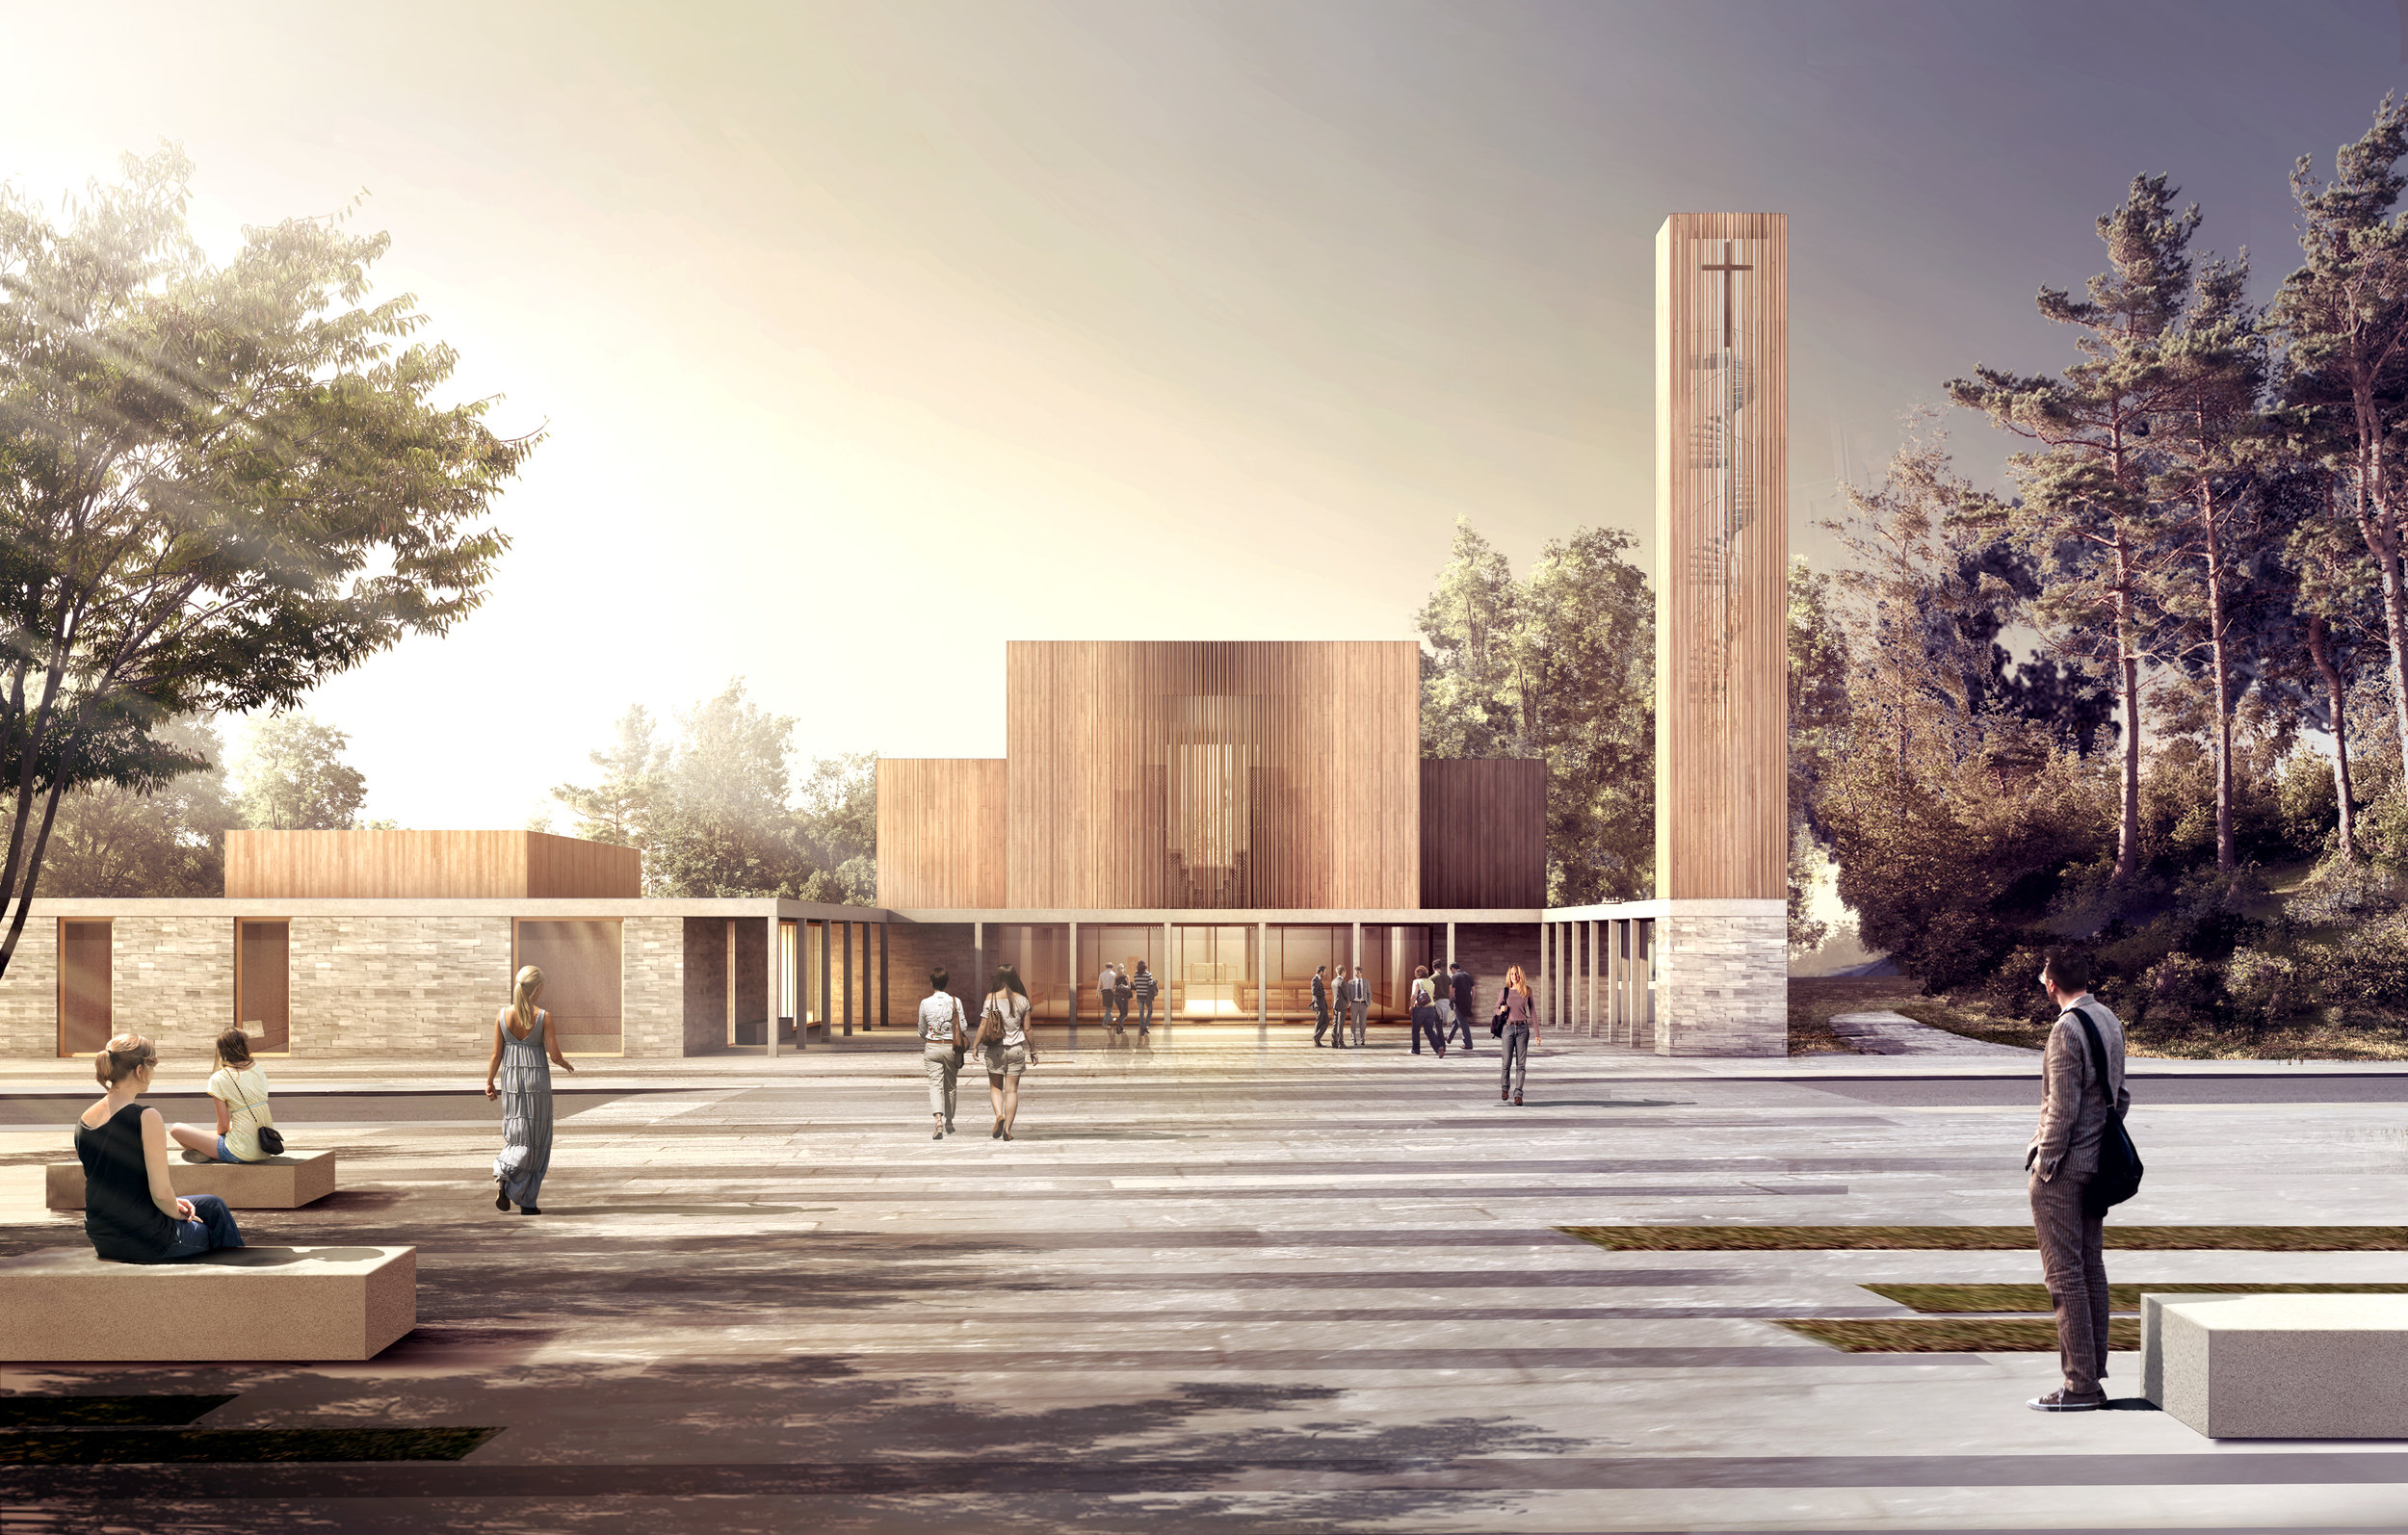 Solakrossen_From-Town_JAJA_Architects-BDA_Arkitekter.jpg